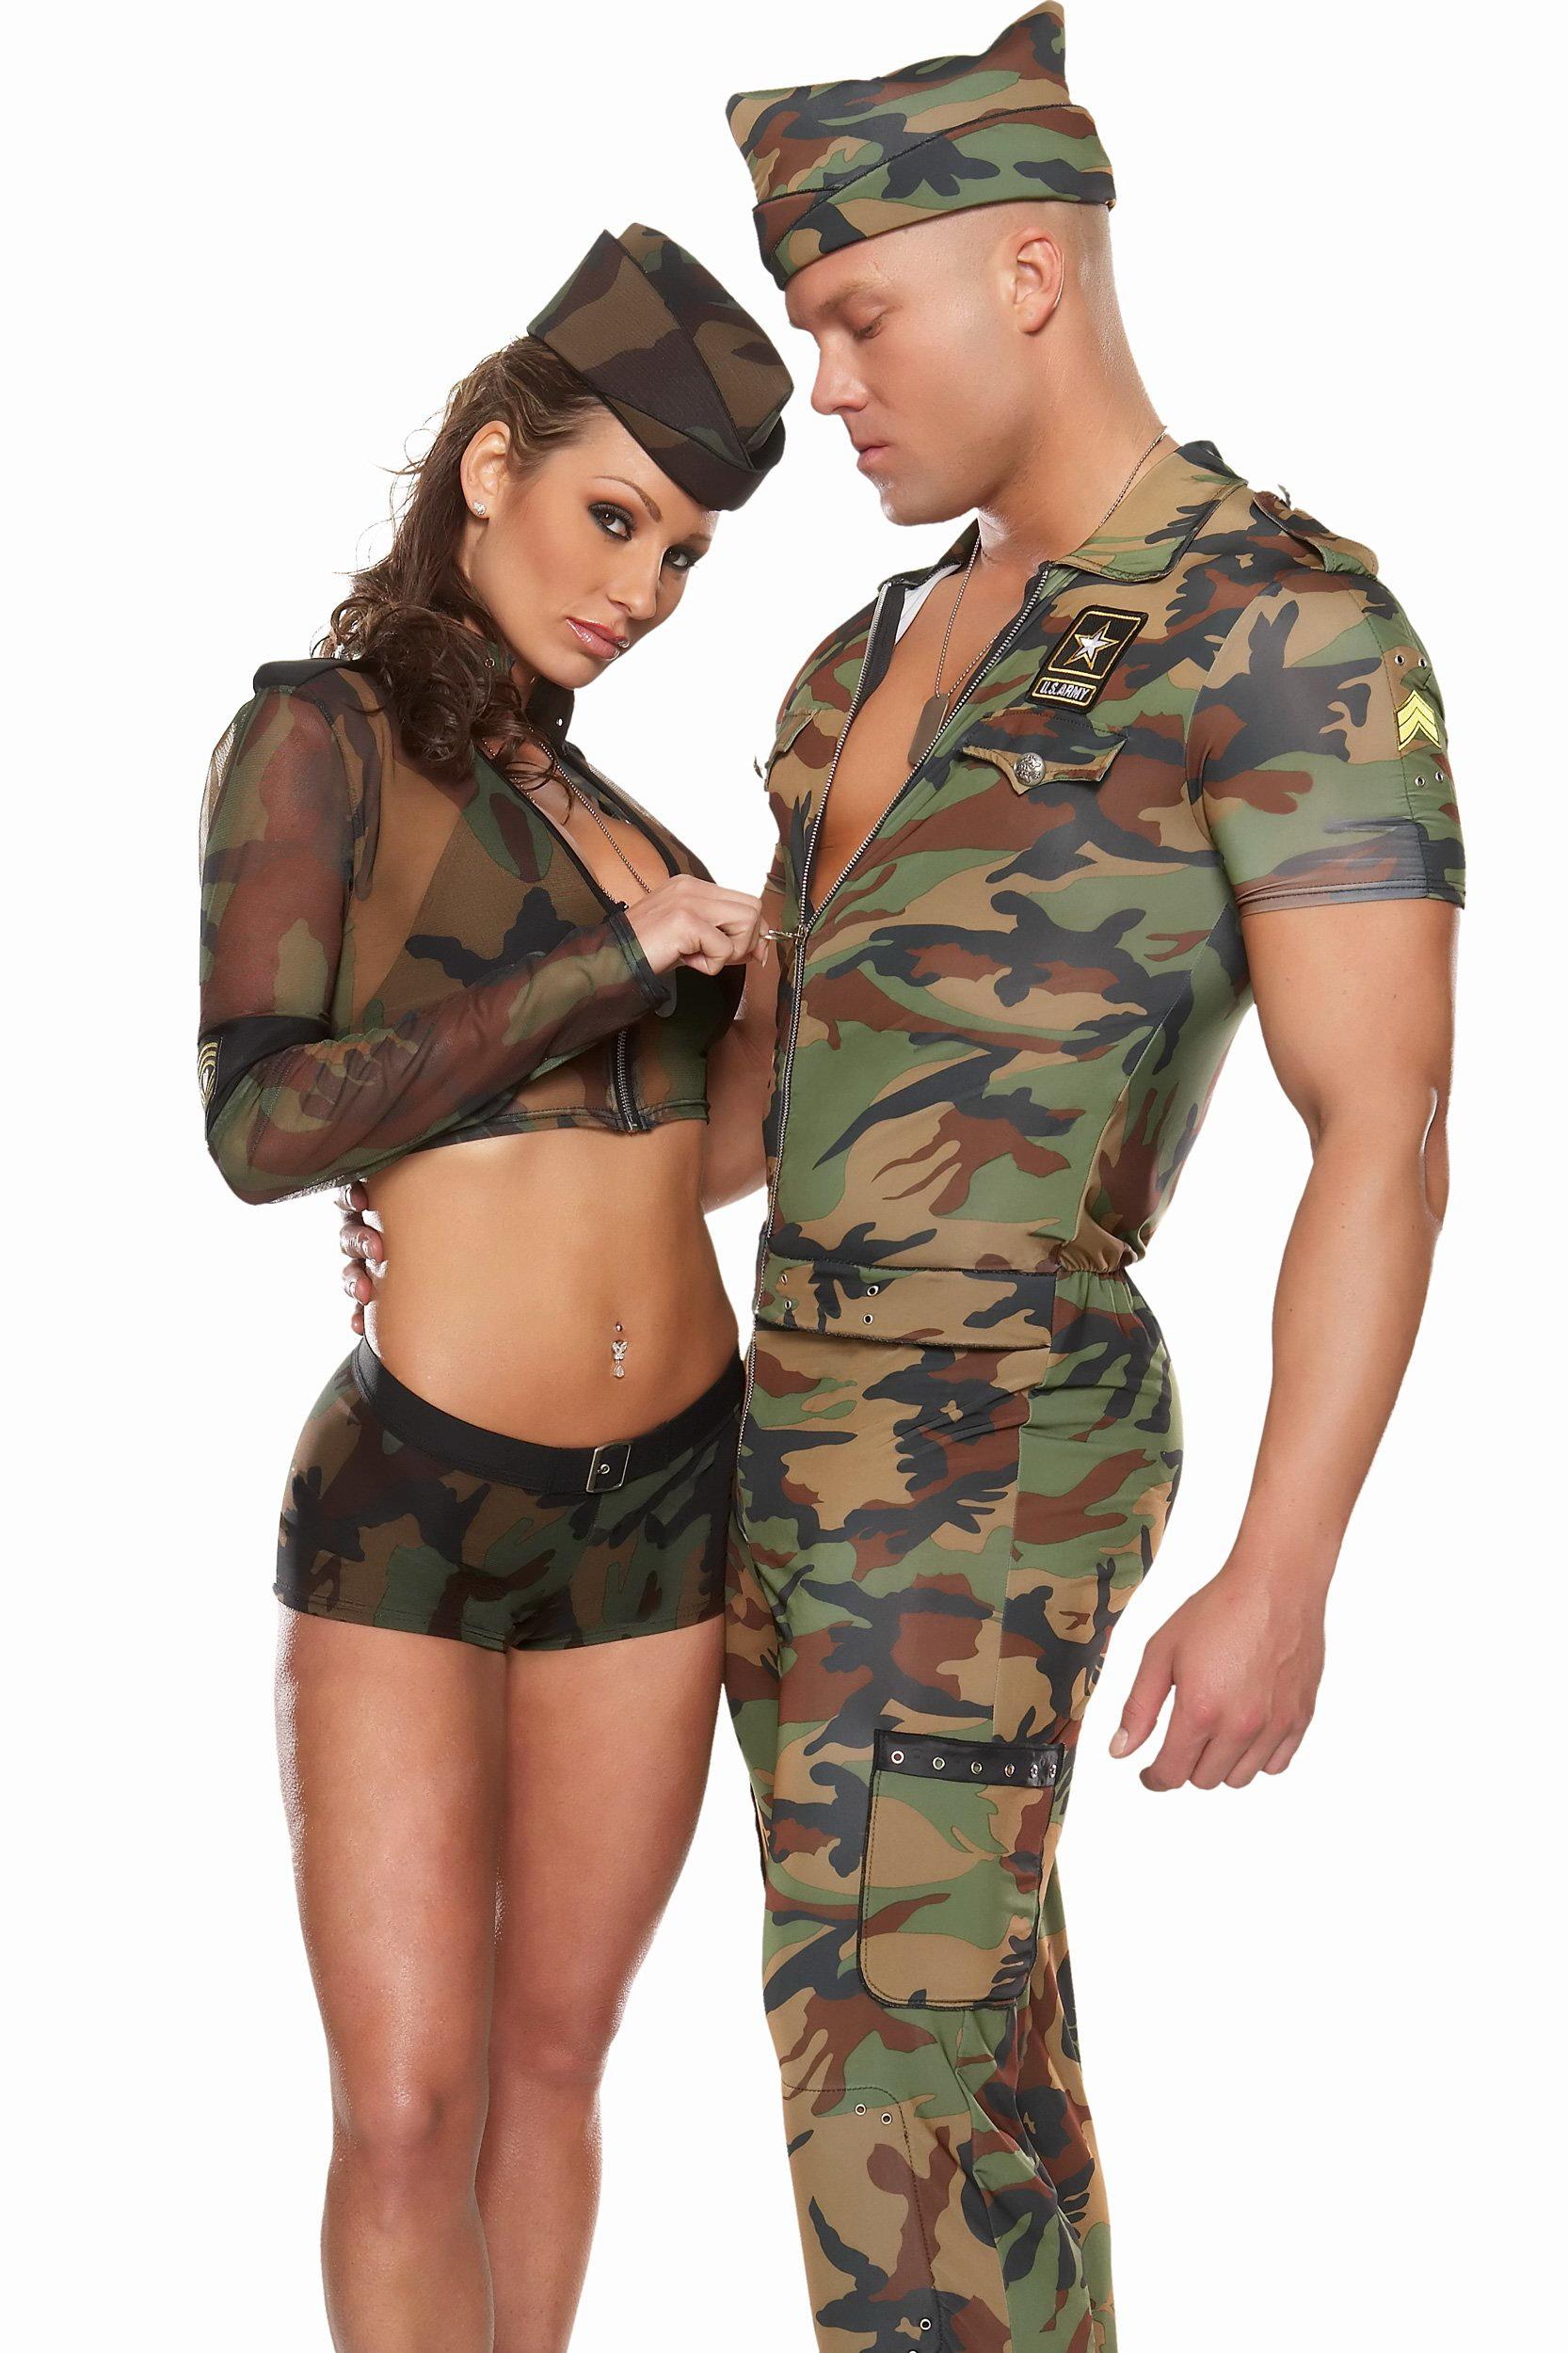 Фото в военном костюме эро 17 фотография